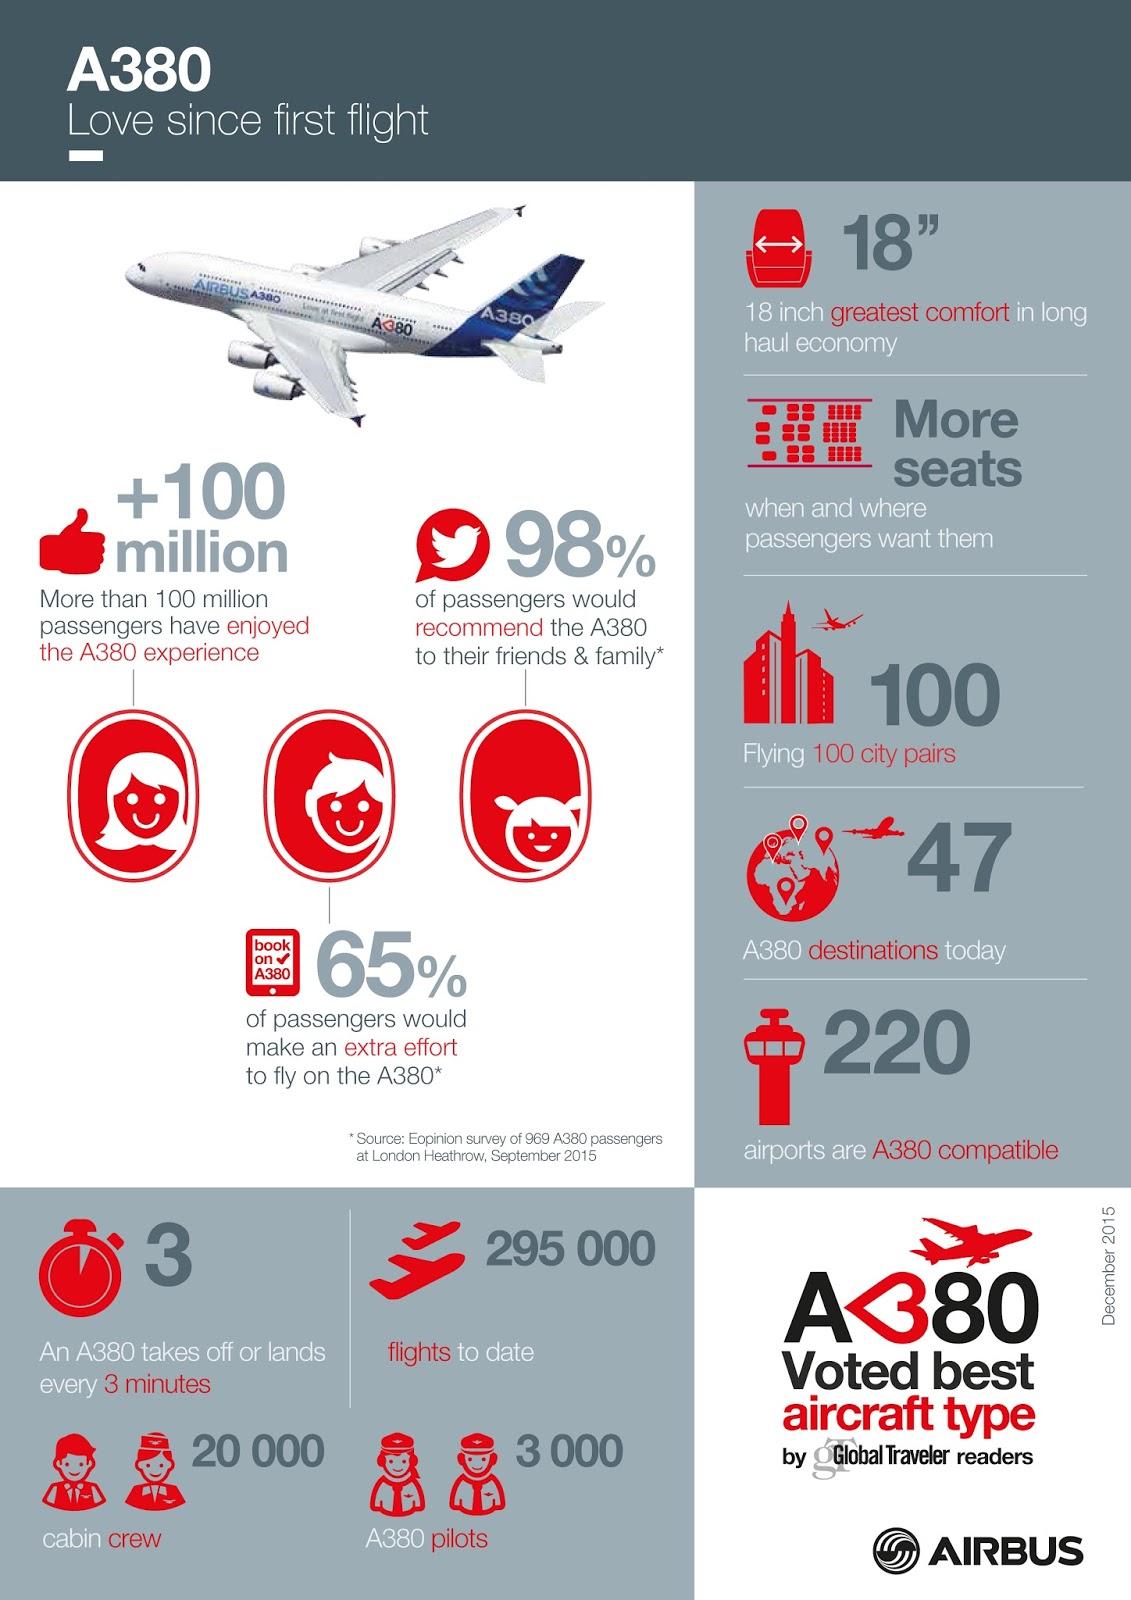 É MAIS QUE VOAR | Airbus A380 recebe prêmio como Melhor Tipo de Aeronave